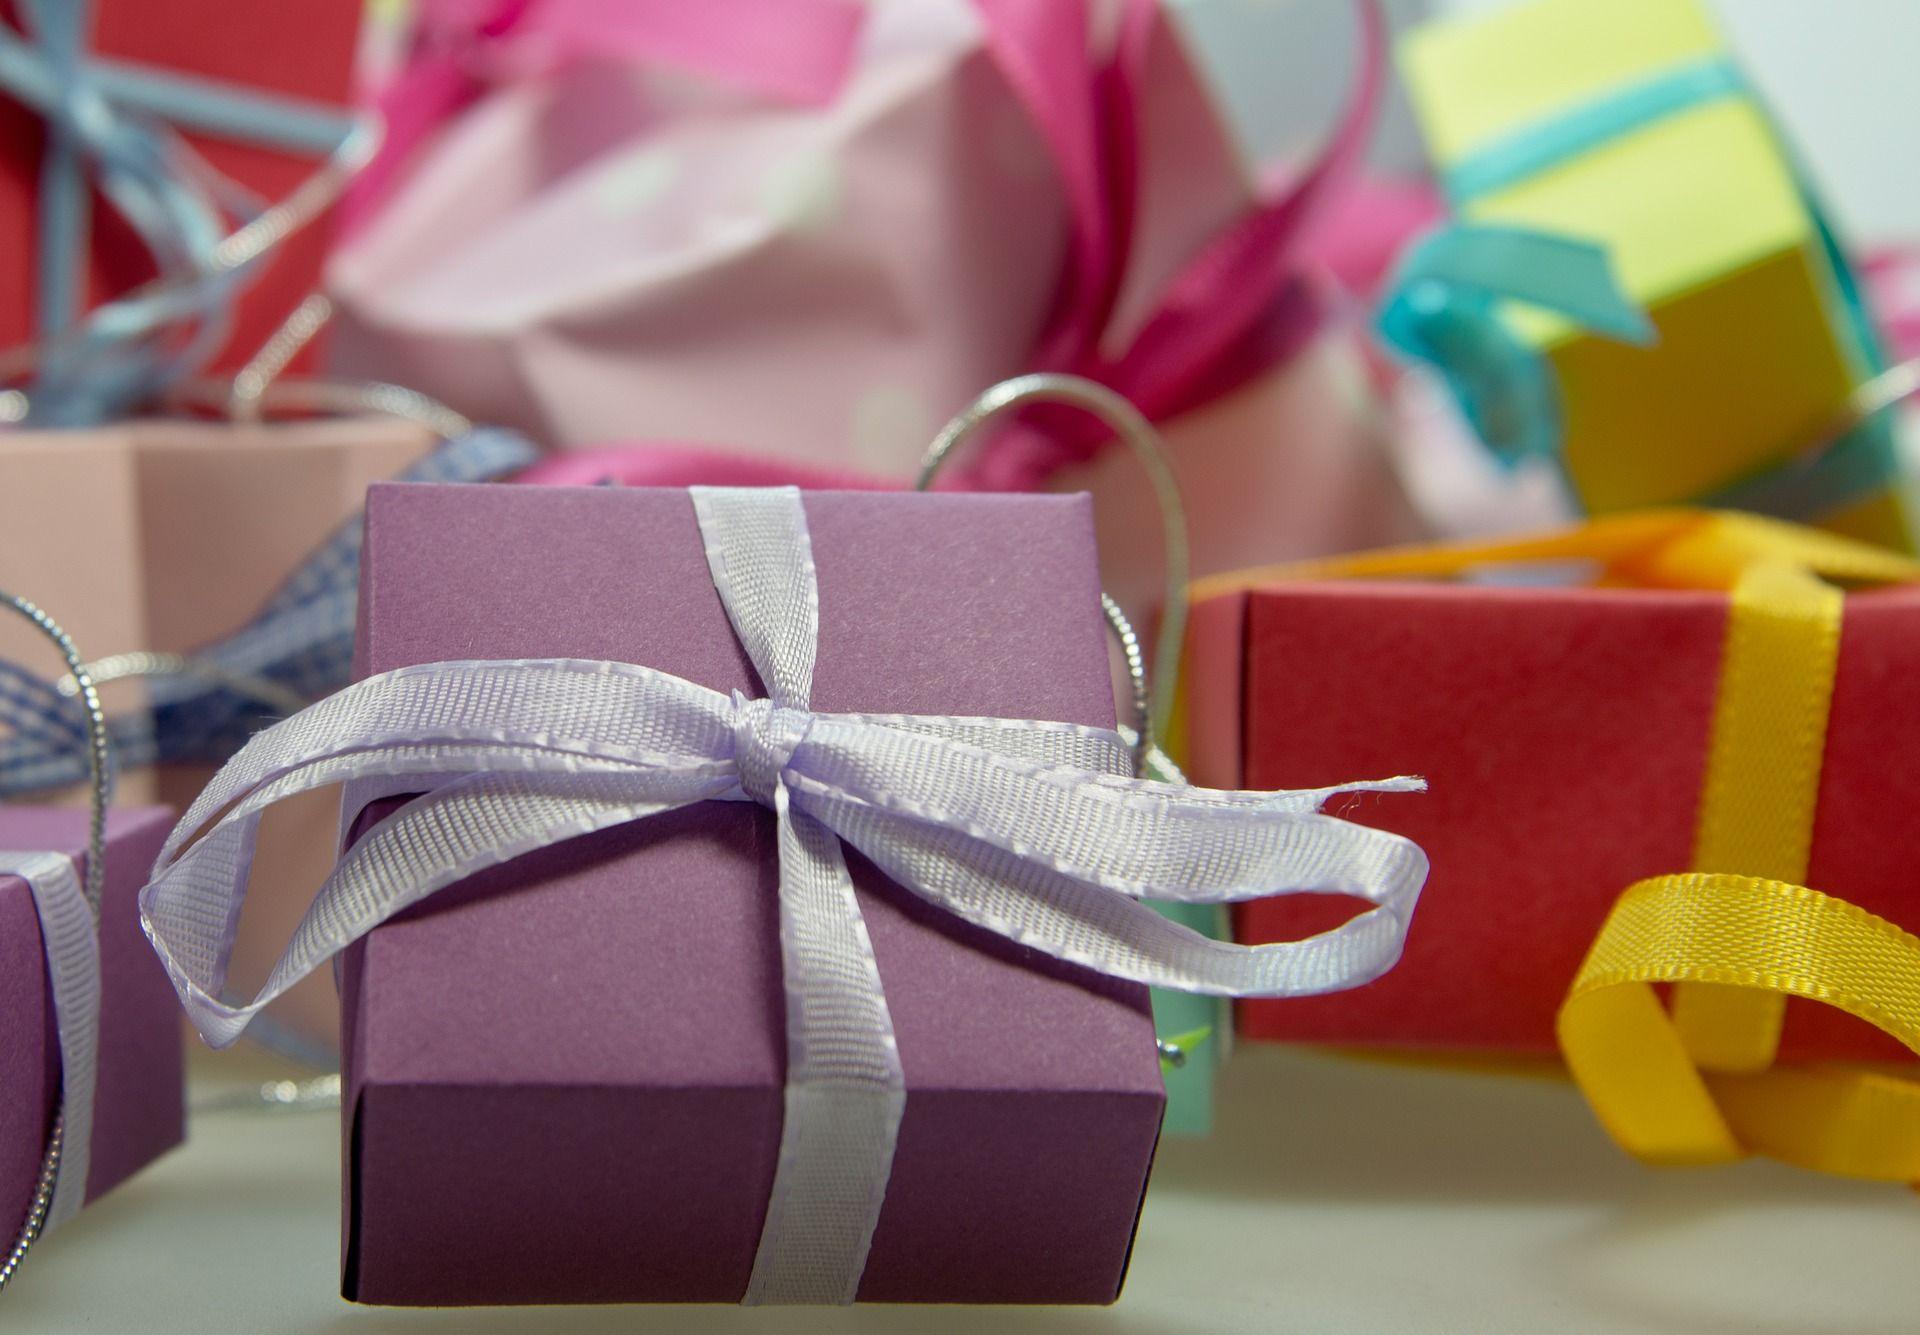 Brettspiele als Weihnachtsgeschenk werden immer beliebter - Tims Spiele